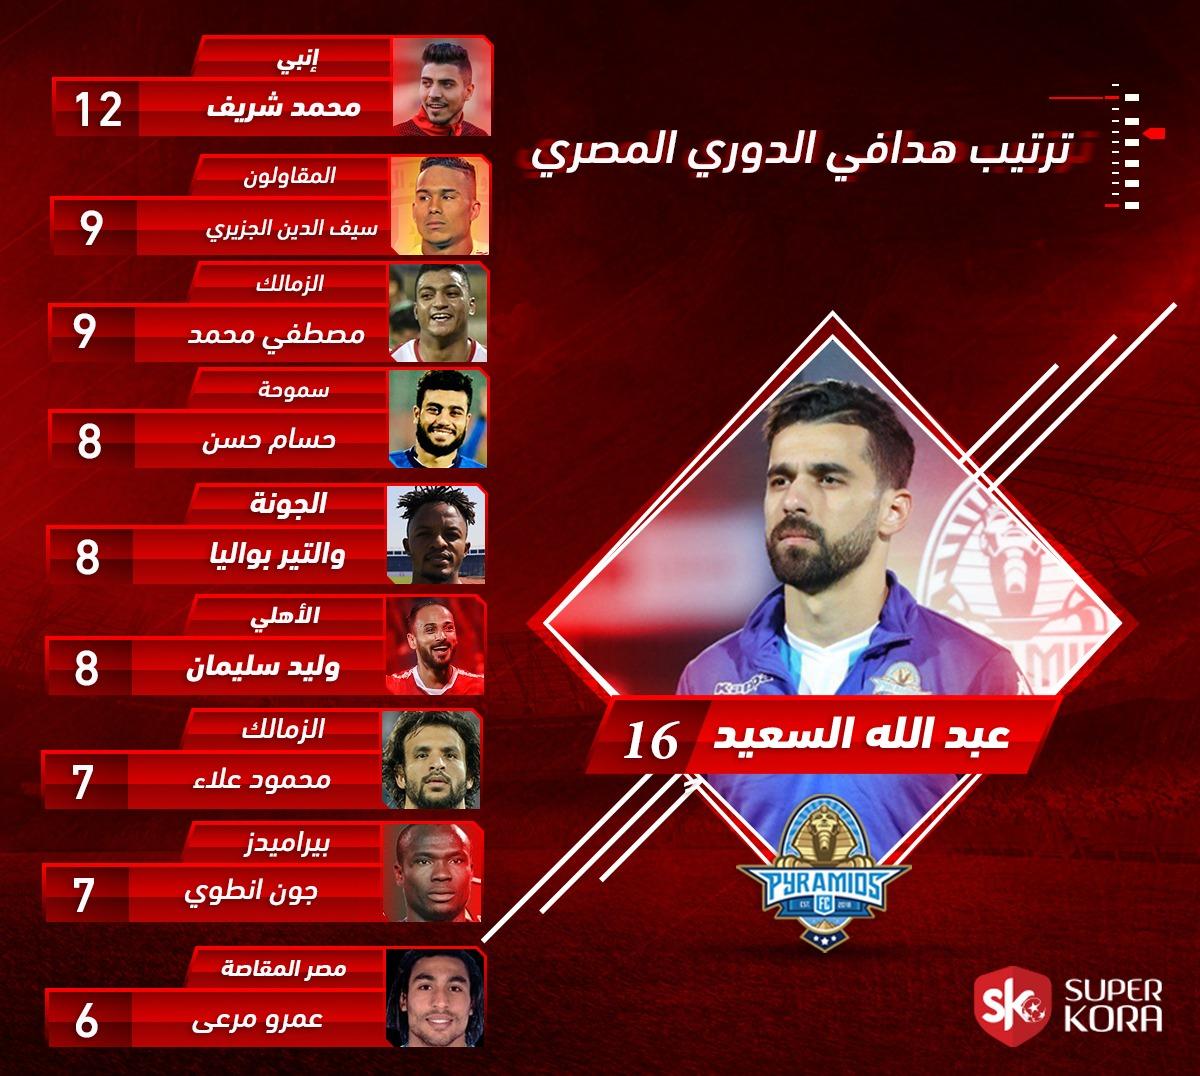 ترتيب هدافي الدوري المصري بعد مباراة طنطا ضد الأهلي